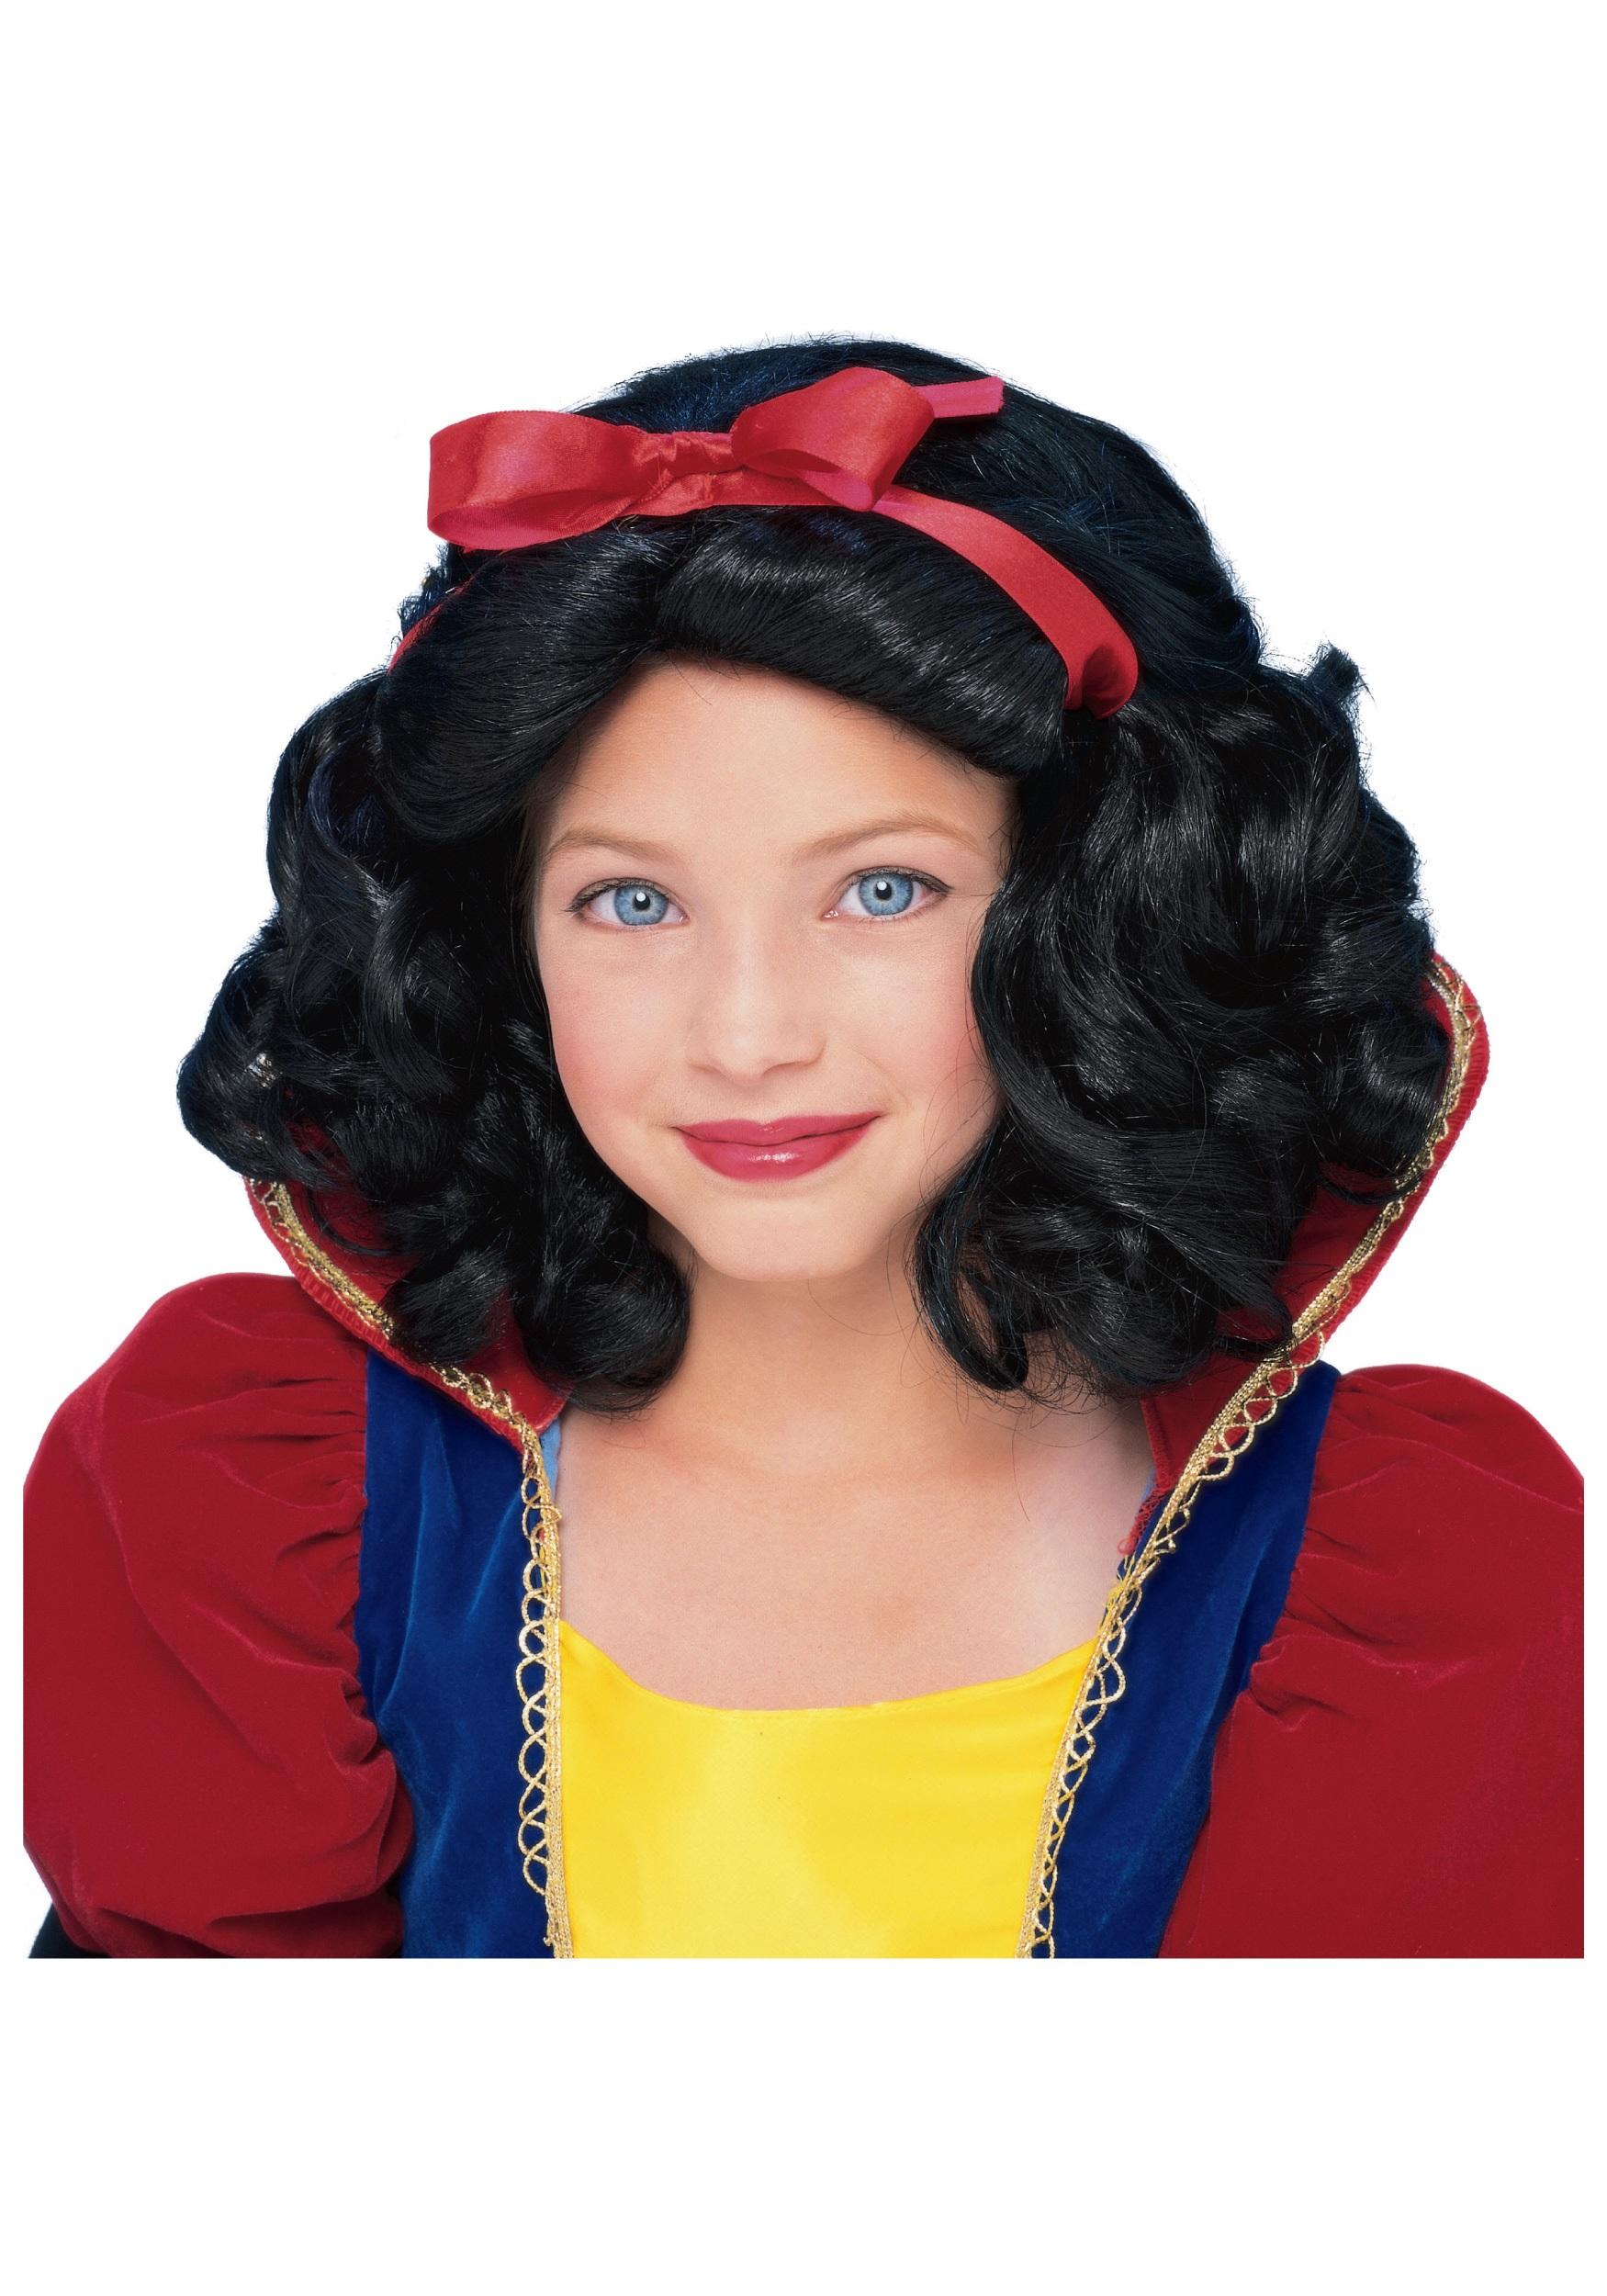 Kid Snow White Wig 52